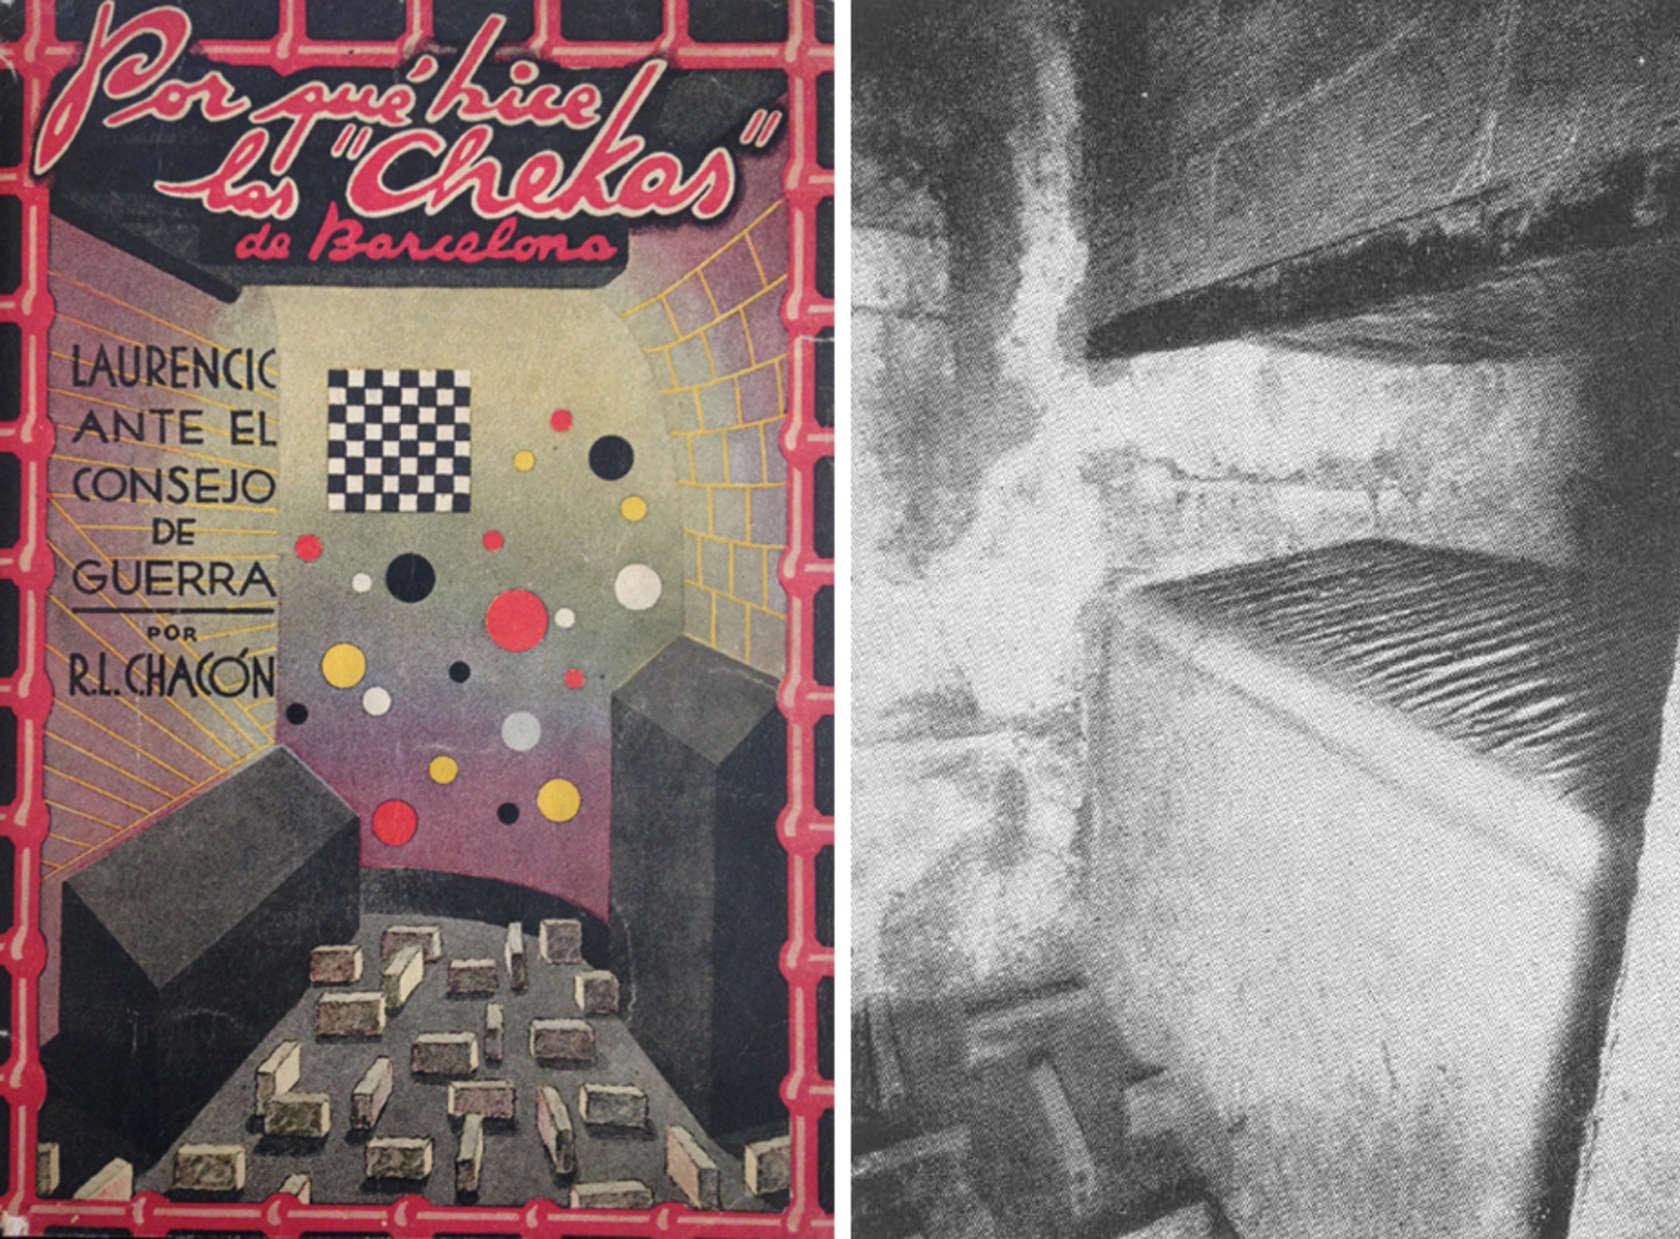 چپ: جلد کتابی از R.L. Chacón؛ راست: تصویر یکی از سلول ها در بارسلونا؛ منبع: Hidden Persuaders